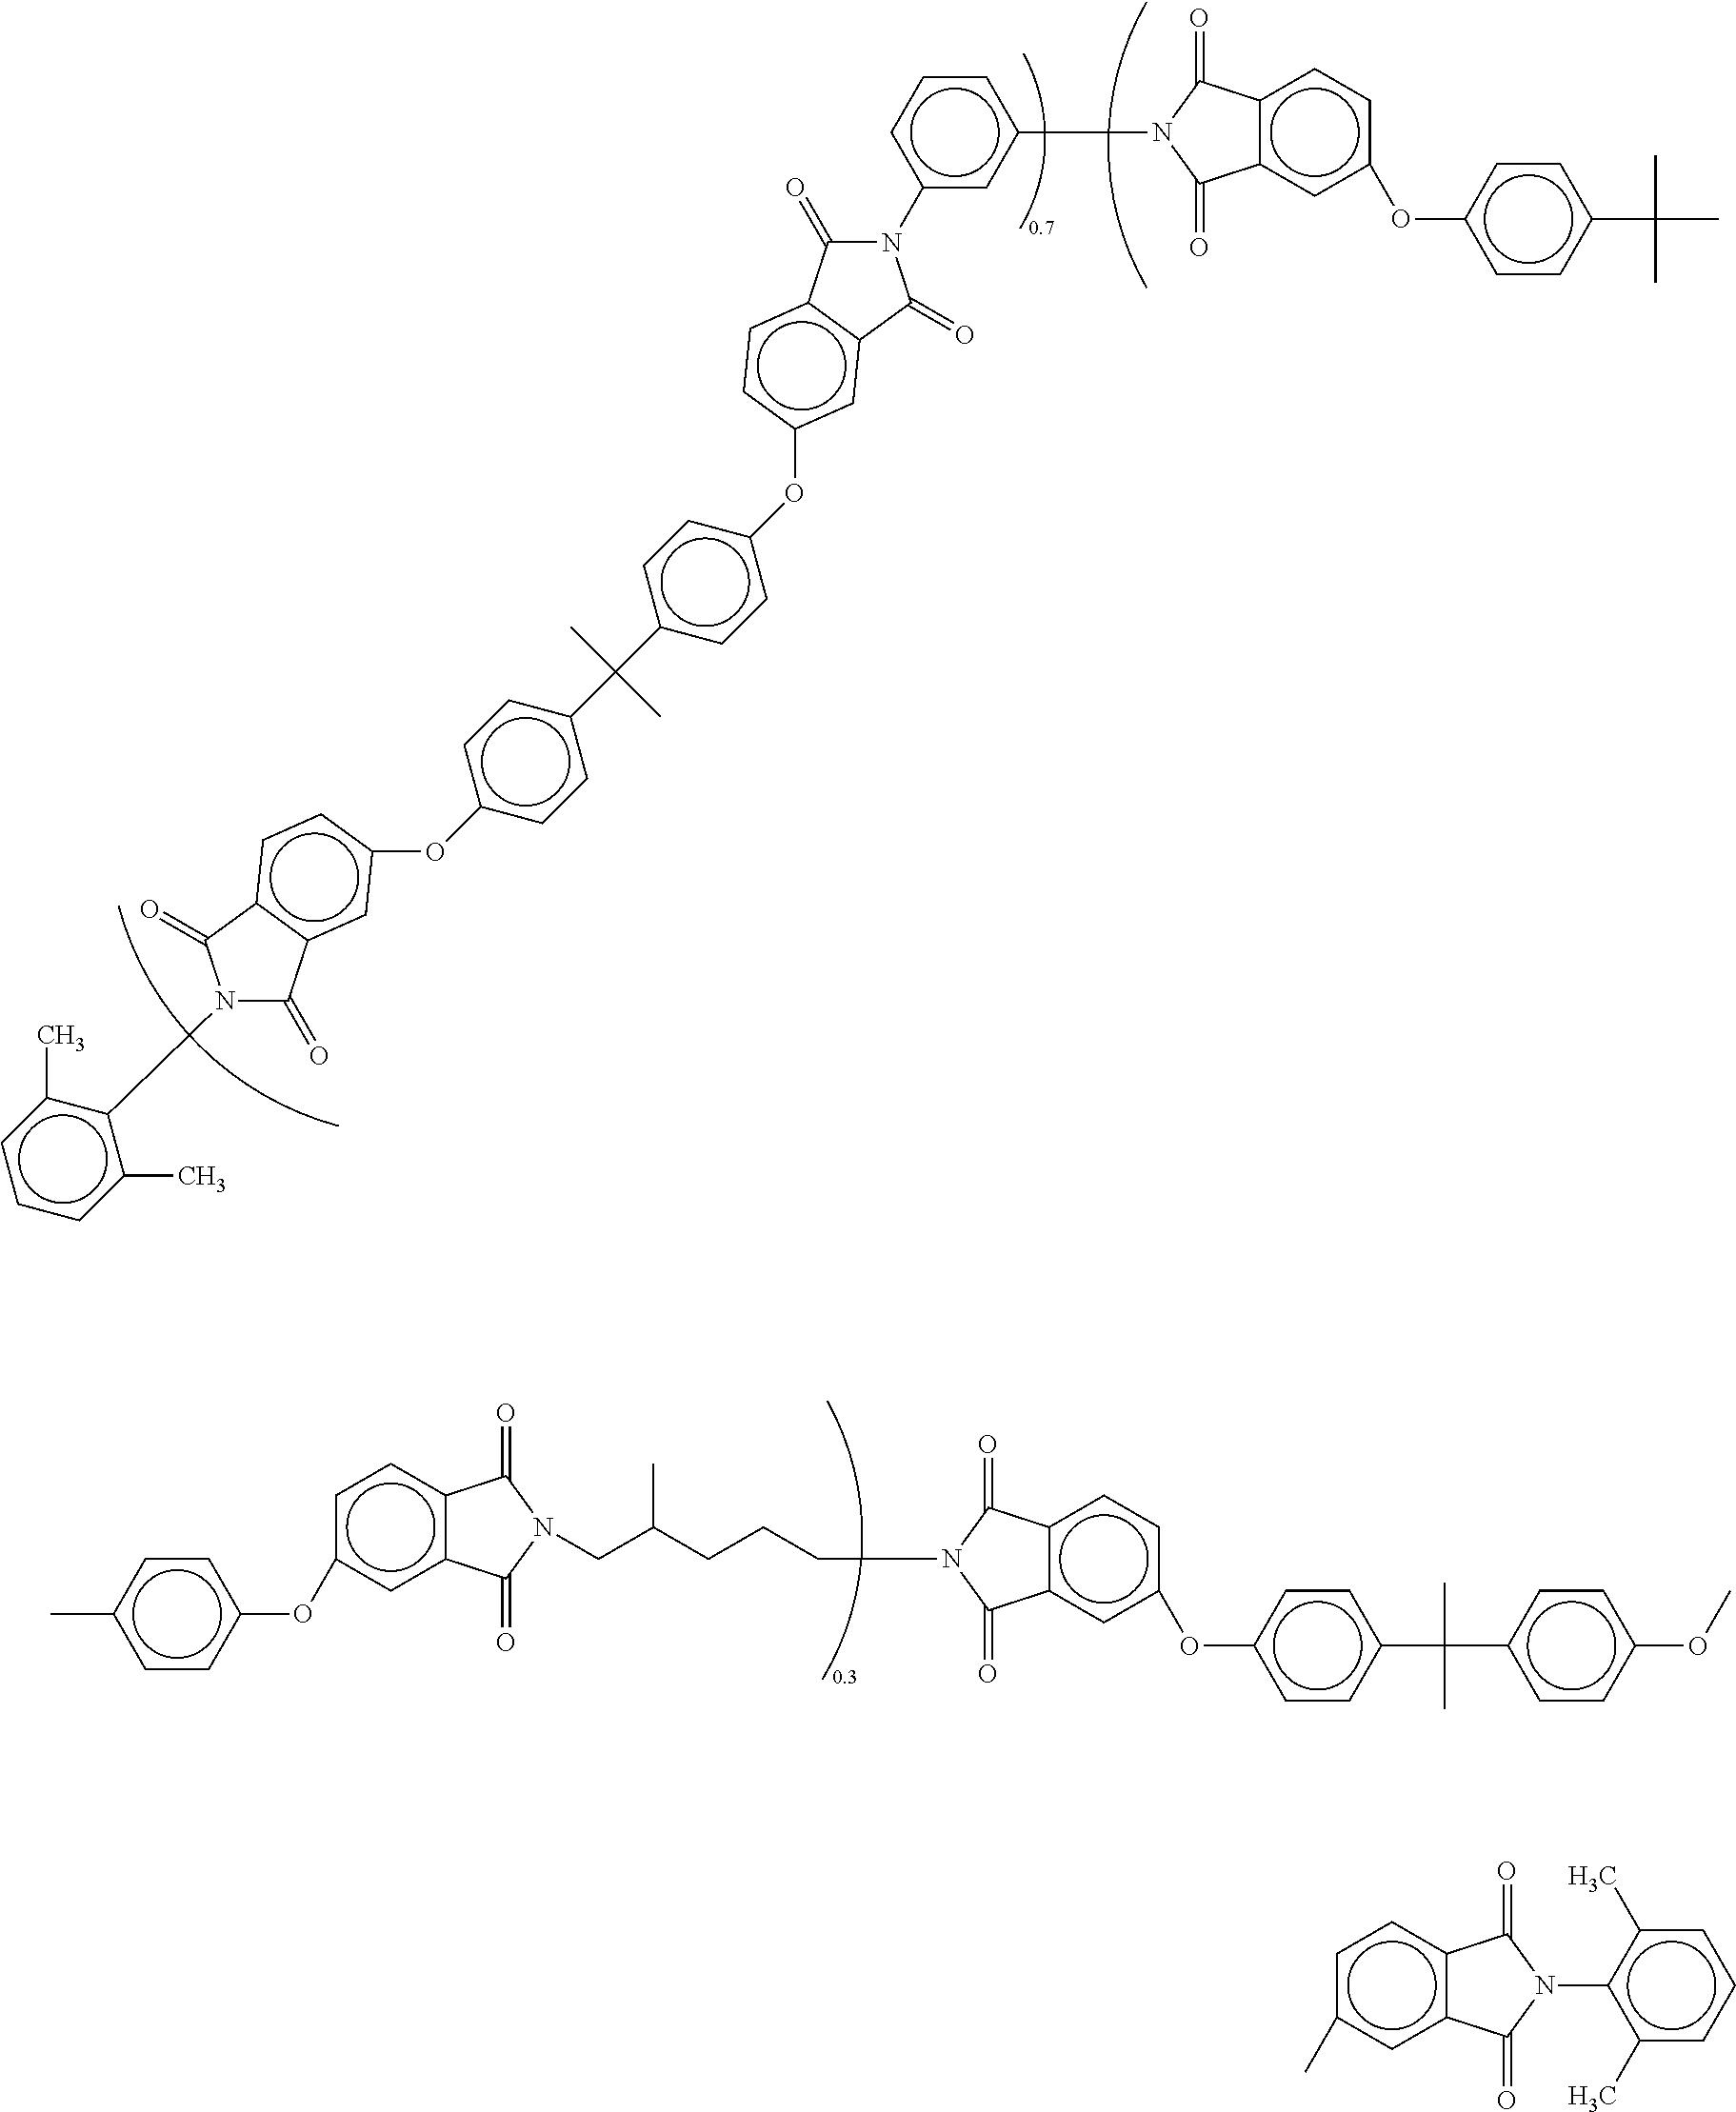 Figure US07935780-20110503-C00016